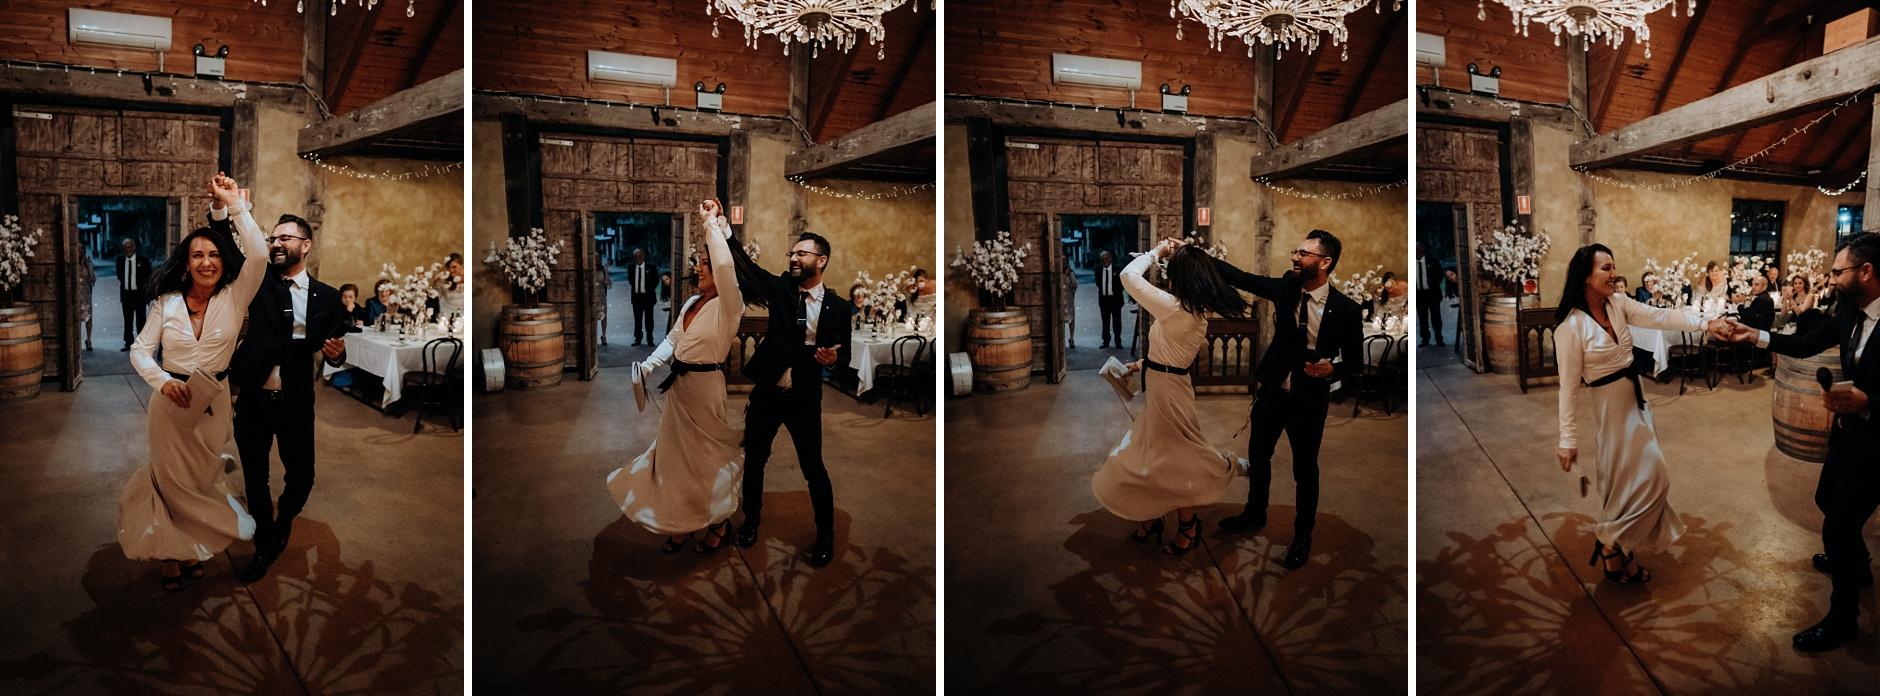 cassandra&cameron0816a_Peppers-Creek-Wedding.jpg